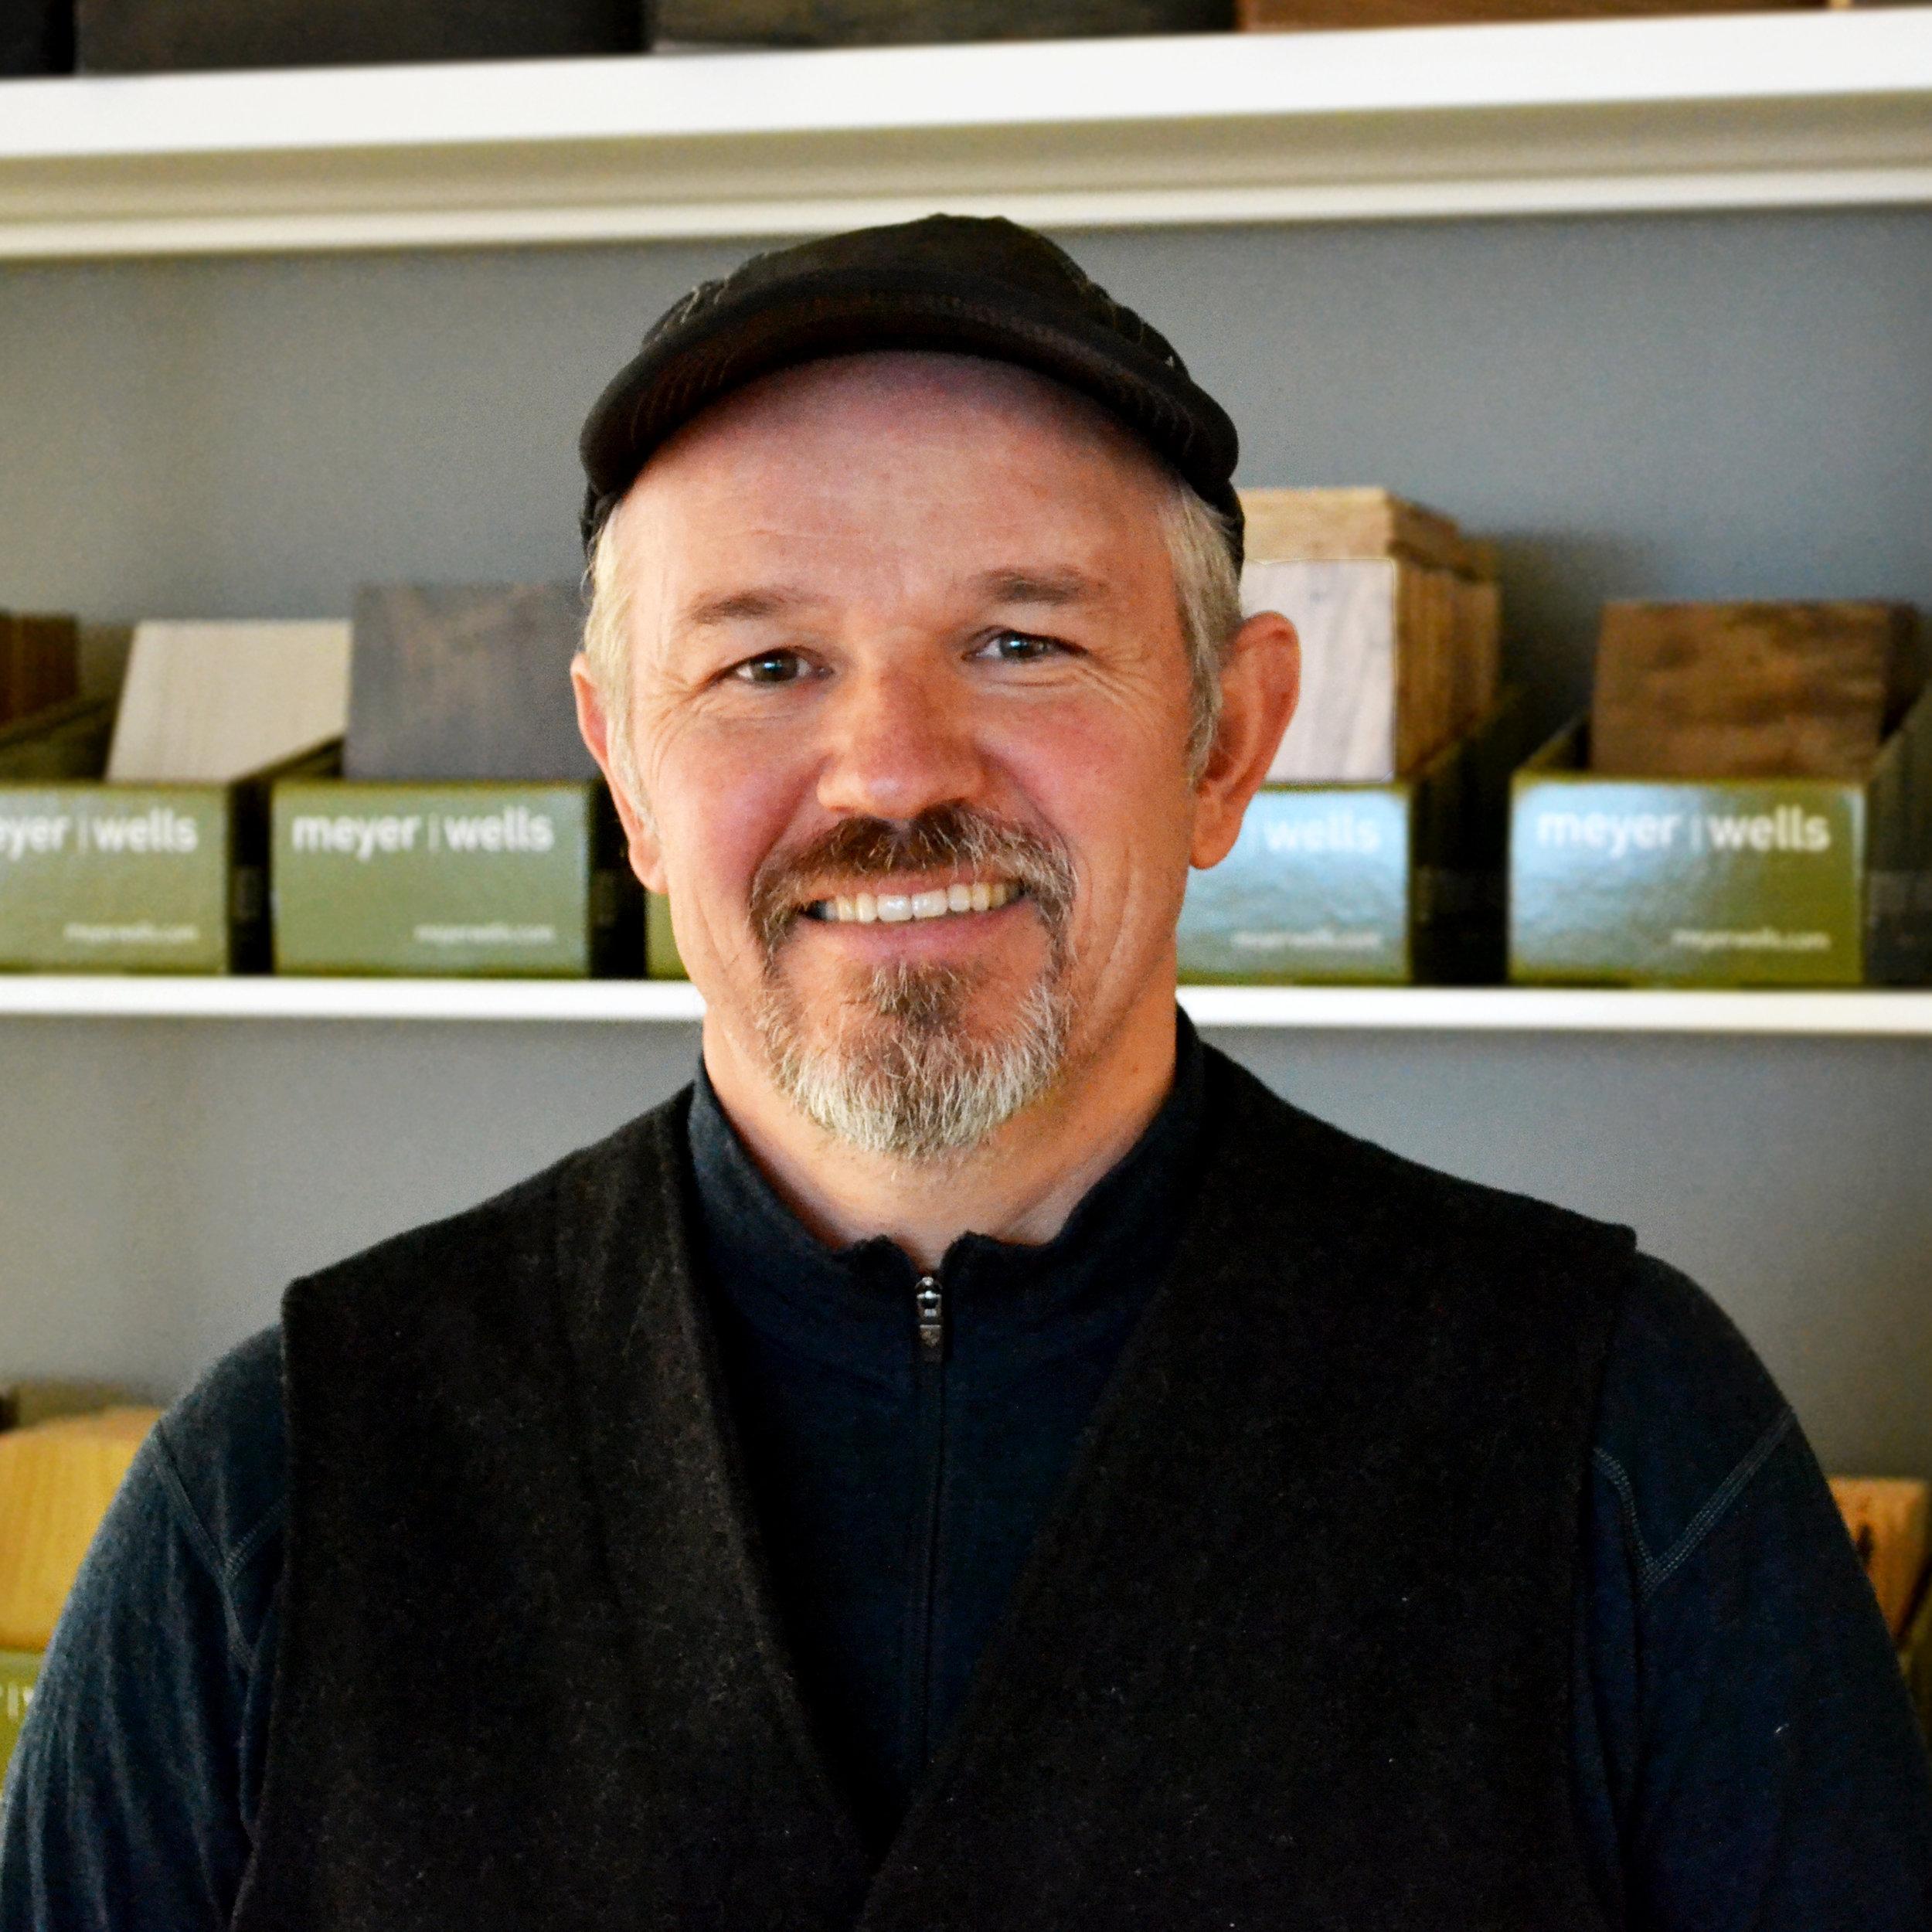 Seth Meyer, Owner